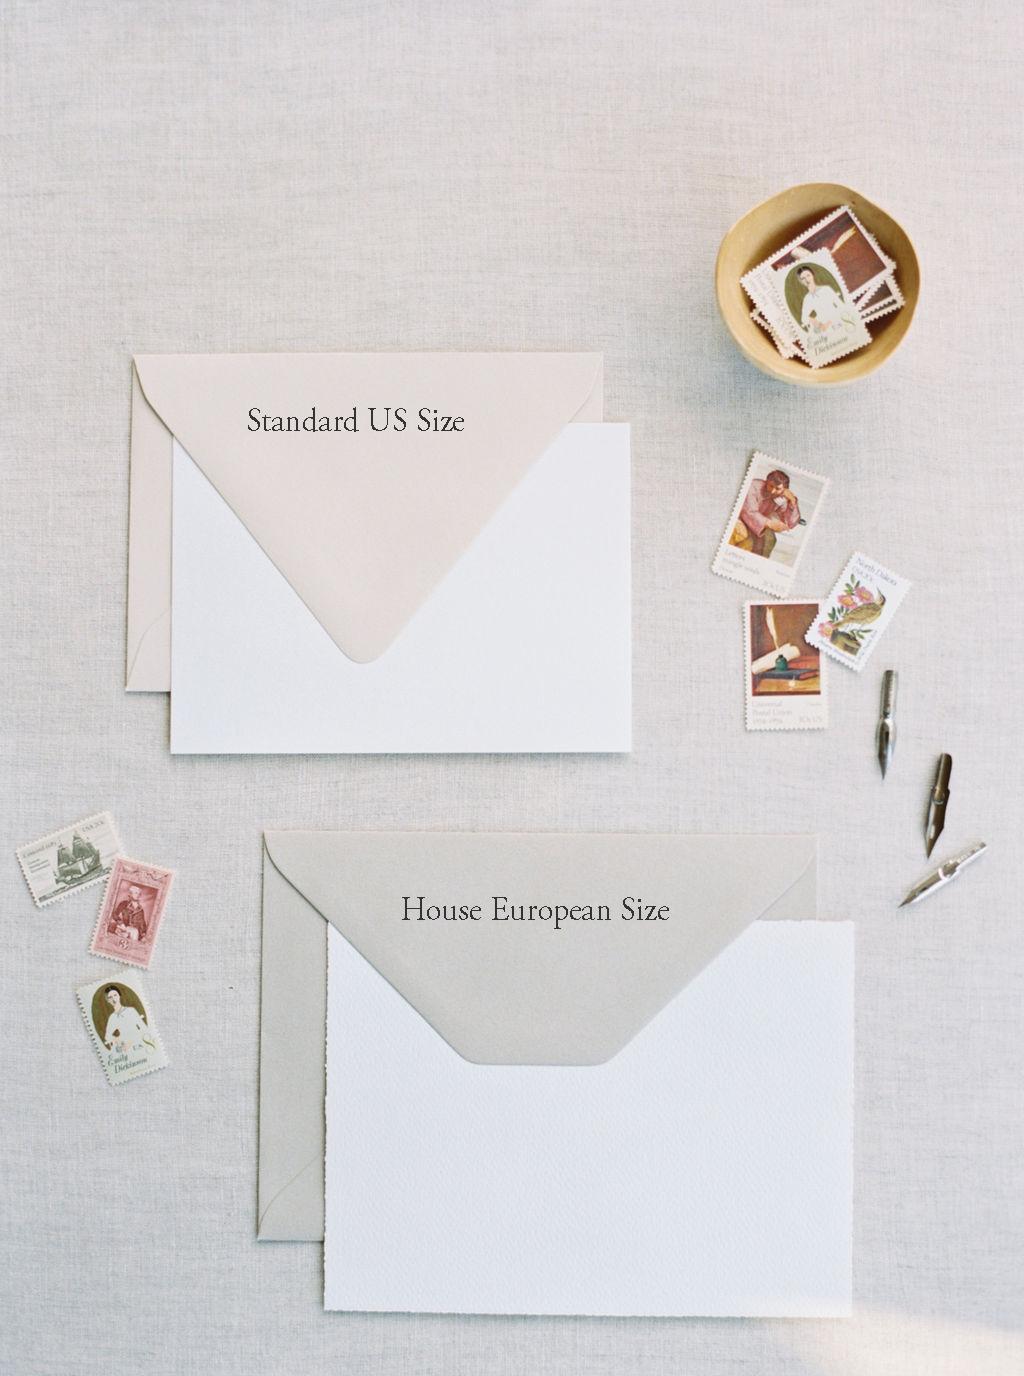 Envelope sizes for semi-custom invitation suites.